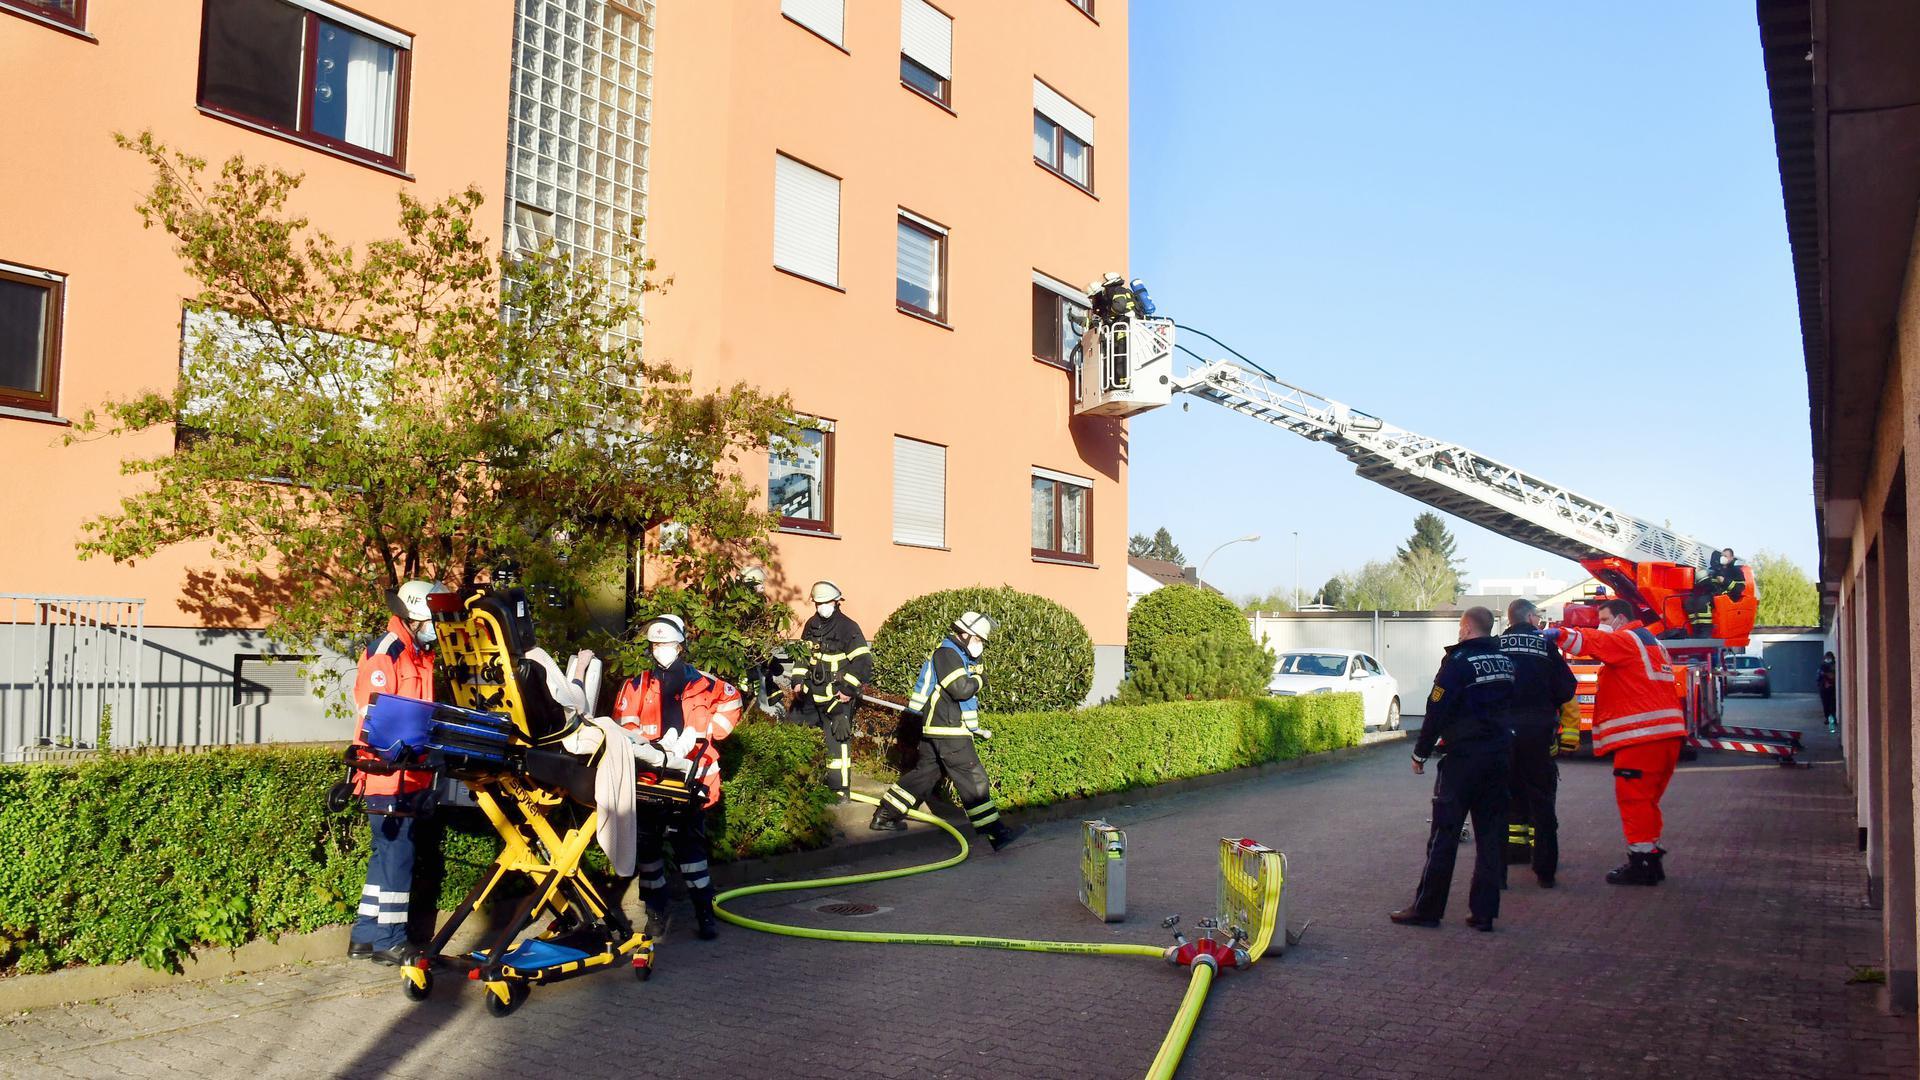 Mehrere Feuerwehrleute mit der Drehleiter am Fenster. Im Vordergrund weitere Einsatzkräfte von Polizei, Rettungsidenst und Feuerwehr.